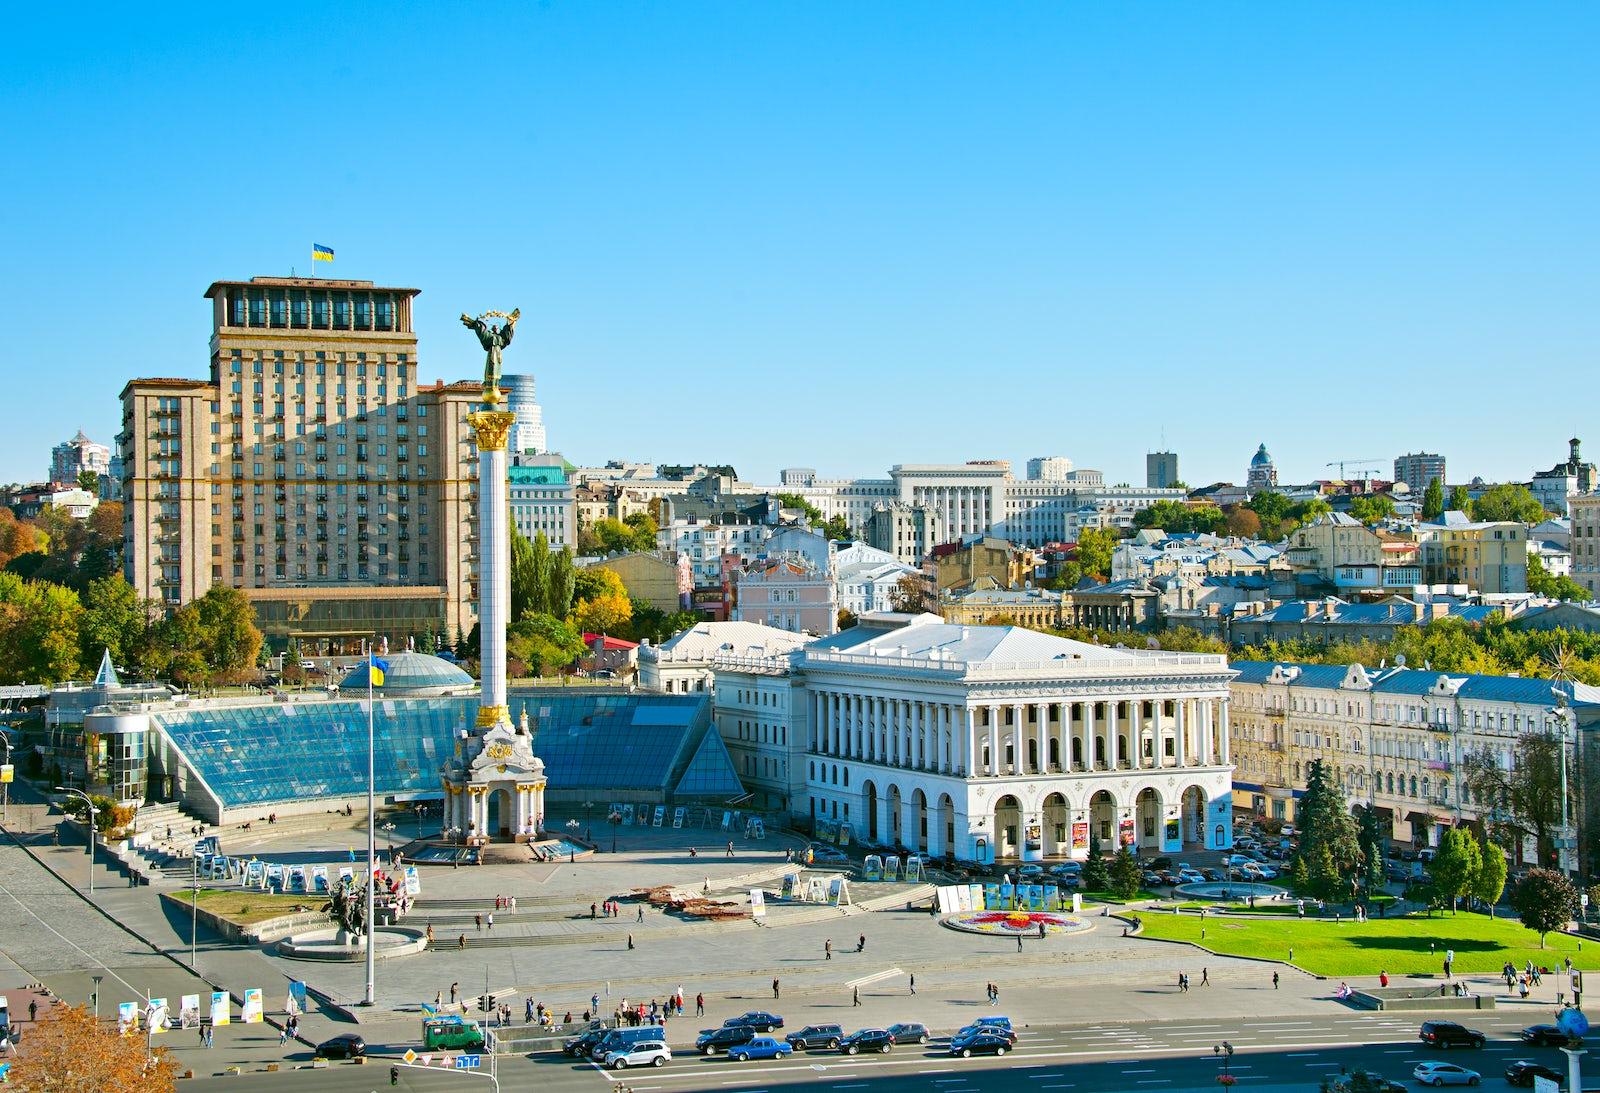 !i18n:de:data.cities:kyiv.picture.caption